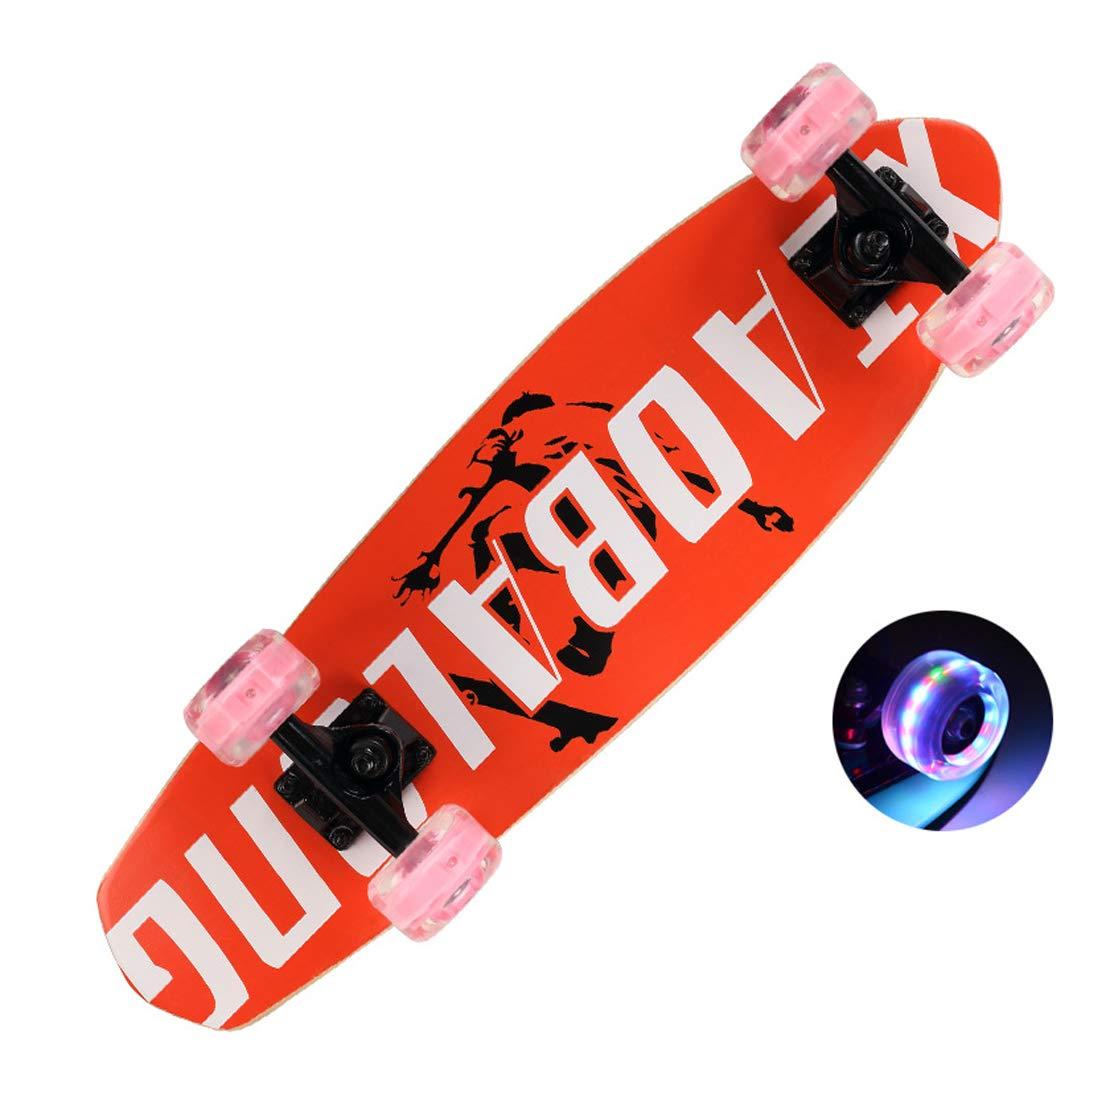 スケートボード68 * 19センチミニメープルデッキABEC-11高速ベアリングとバッグ修理ツールオリジナルベアリング D